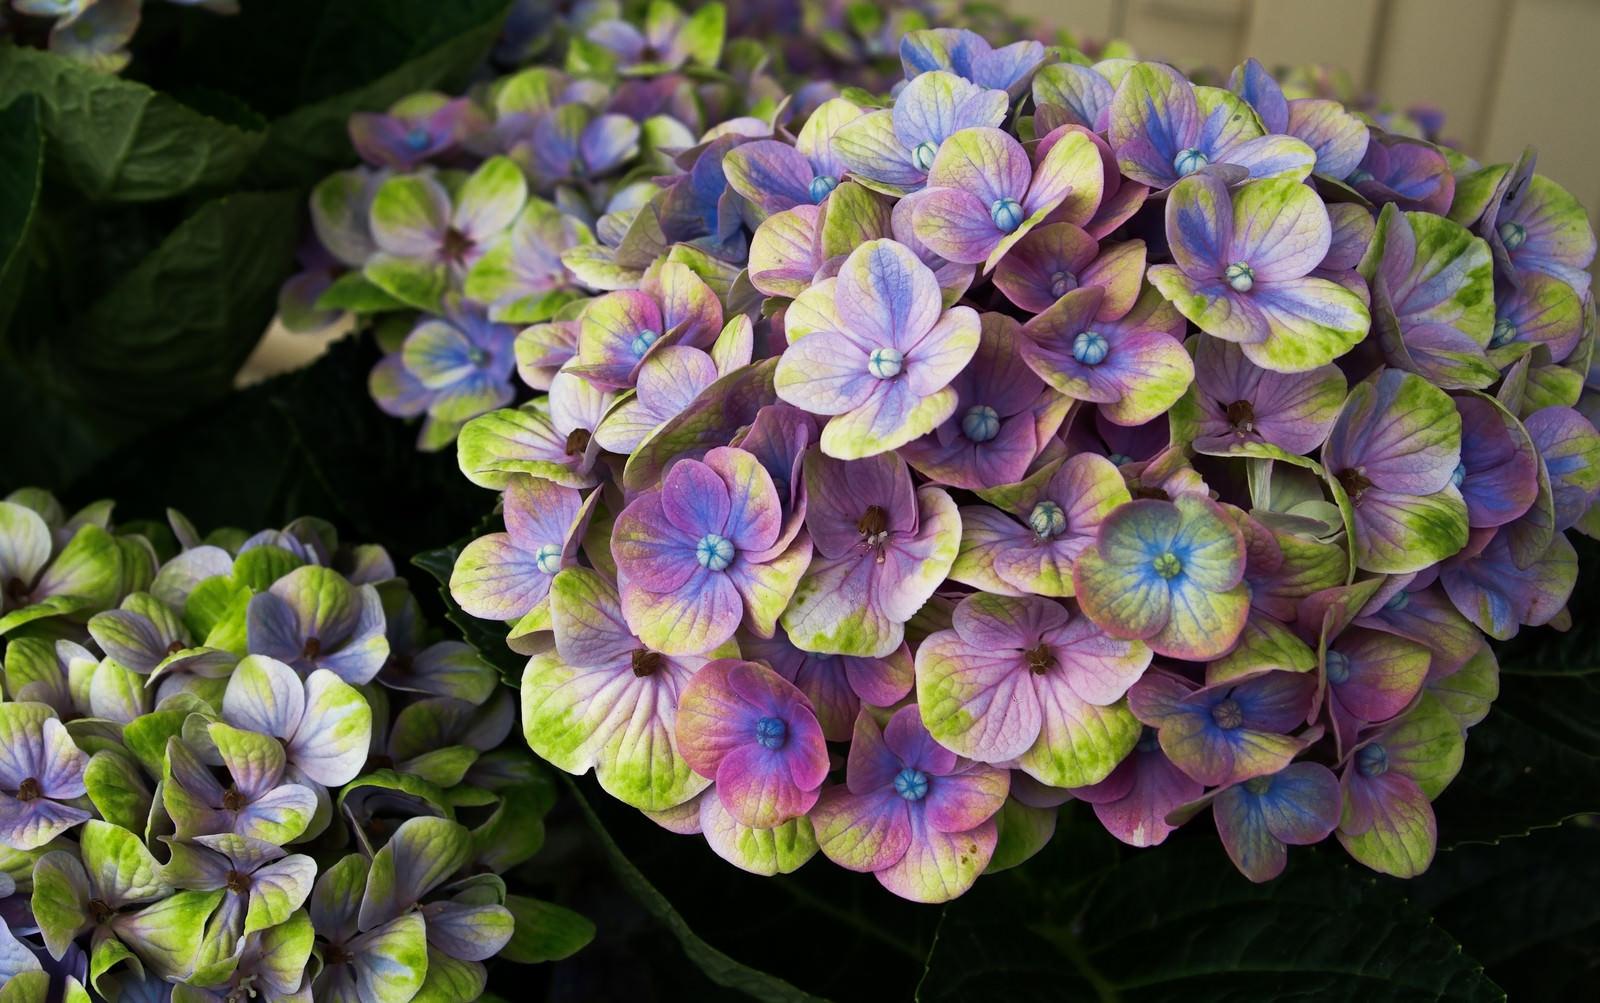 「不思議な色合いの紫陽花(マジカルコーラル)」の写真